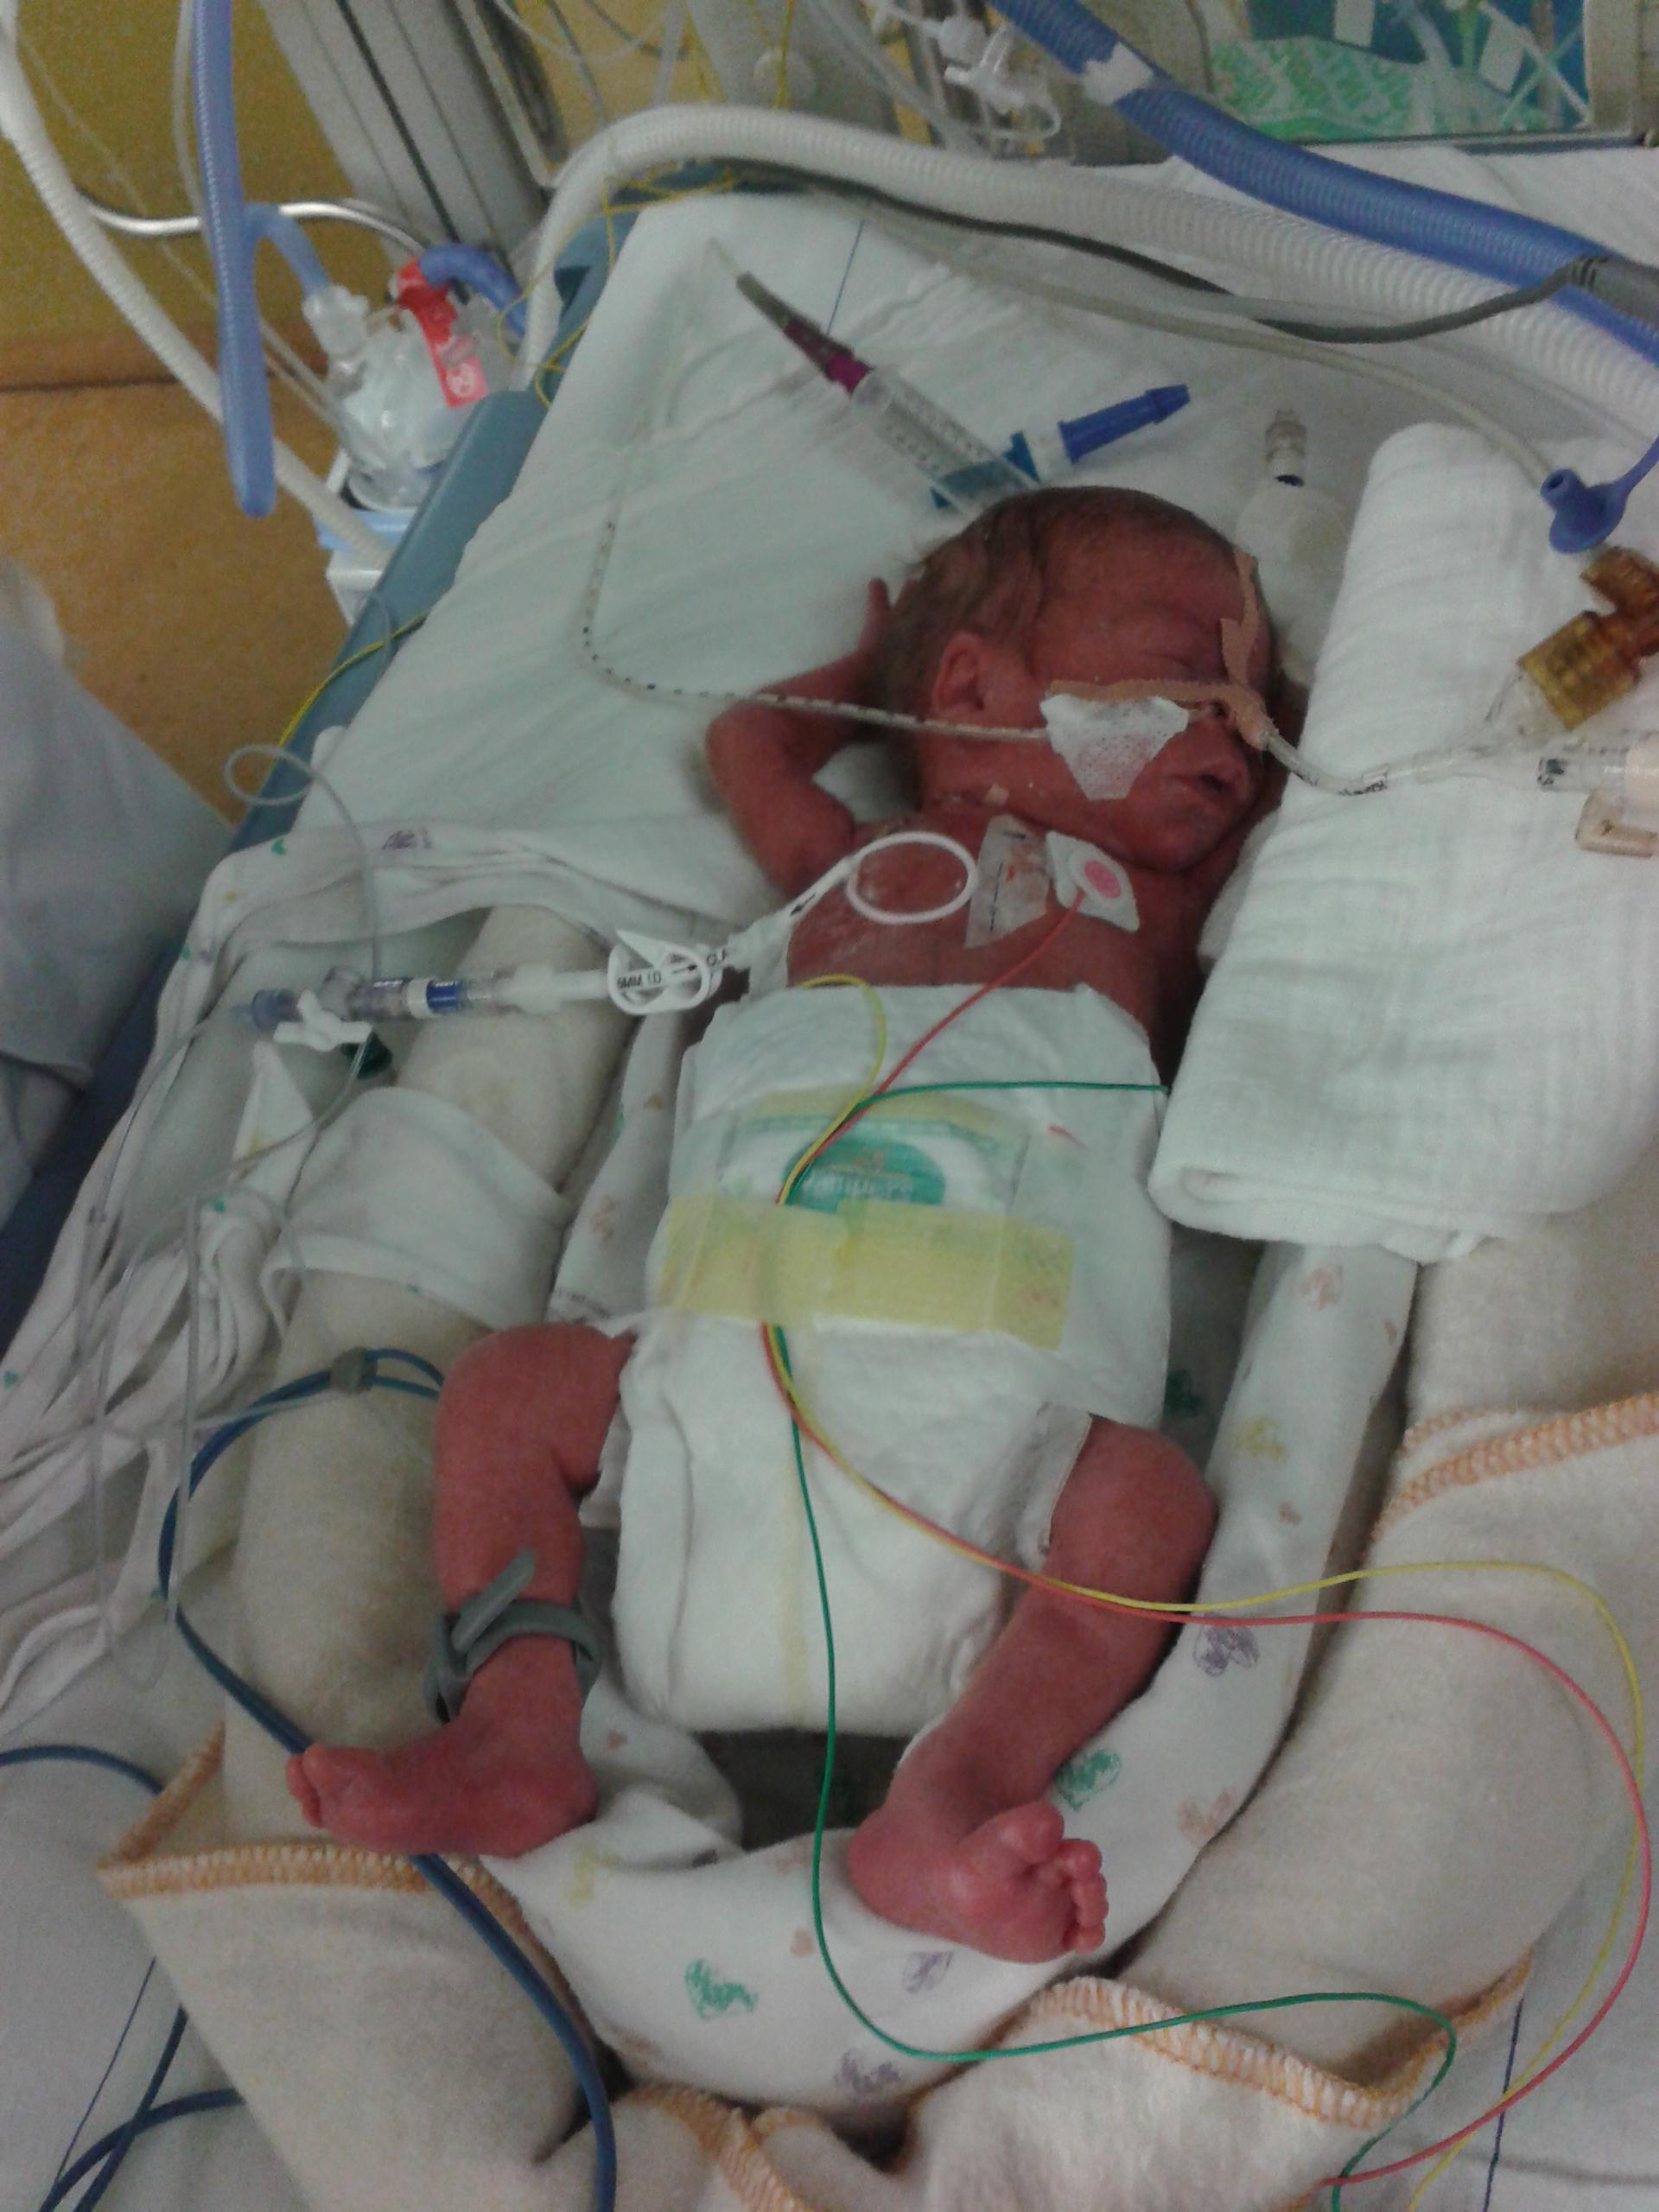 d01c81988dc Tamara (31) beviel toen ze 27 weken zwanger was - ShePostsOnline